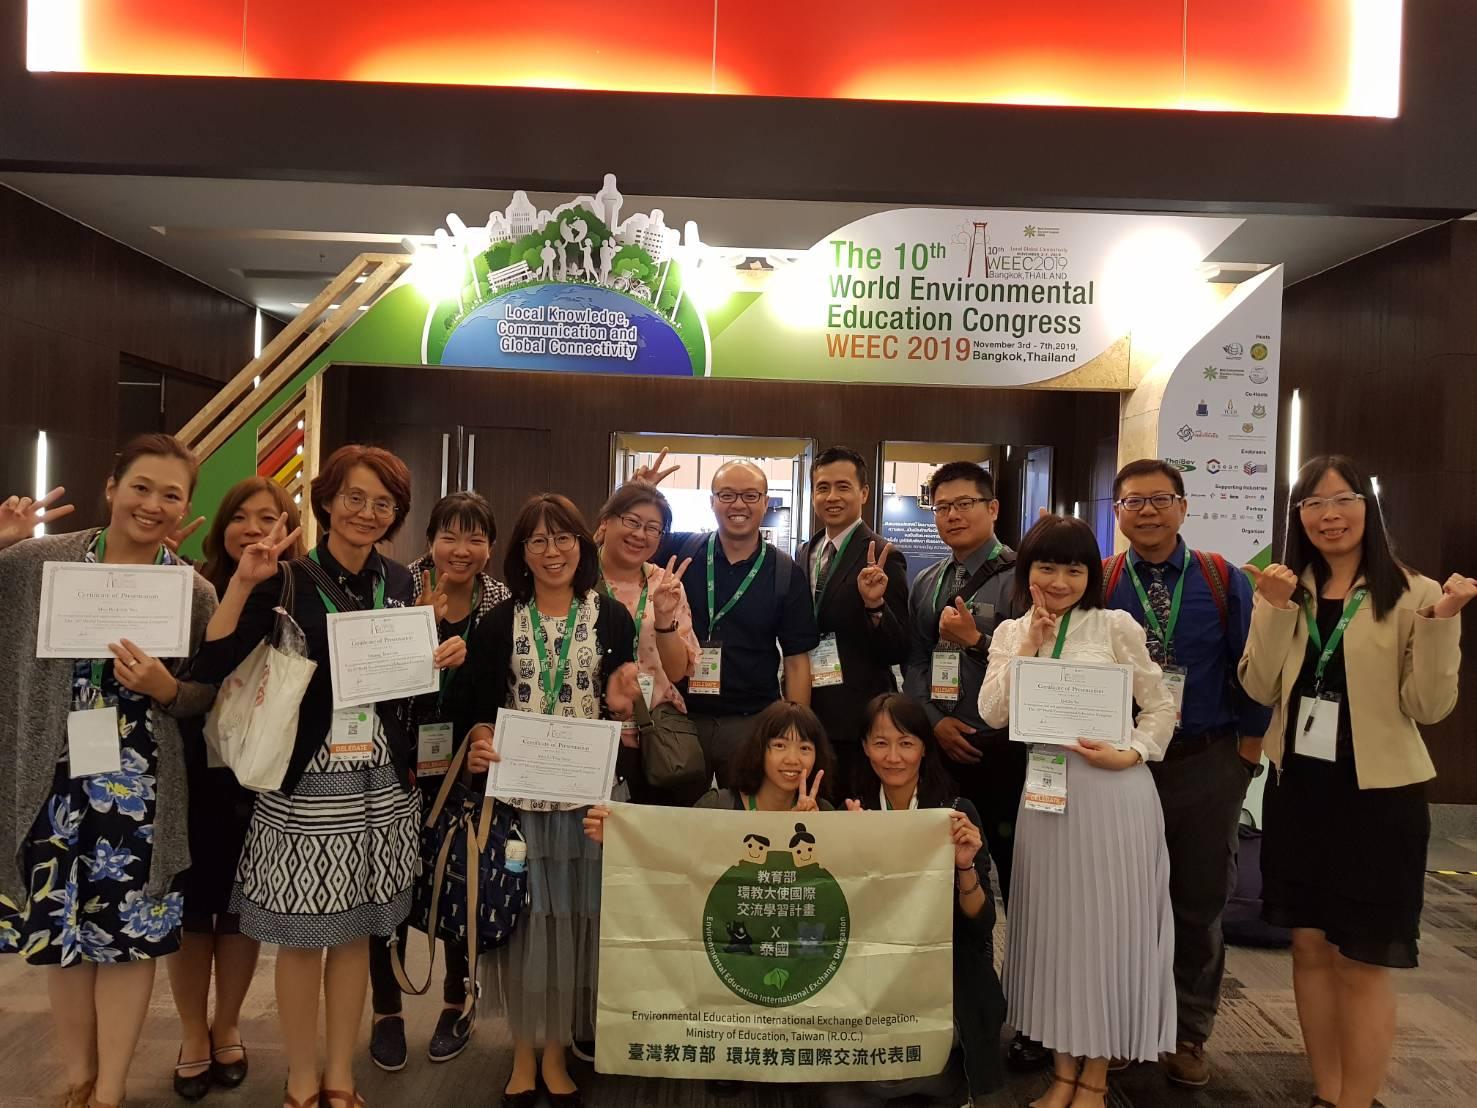 WEEC2019宣揚臺灣學校環境教育成果 1_大圖